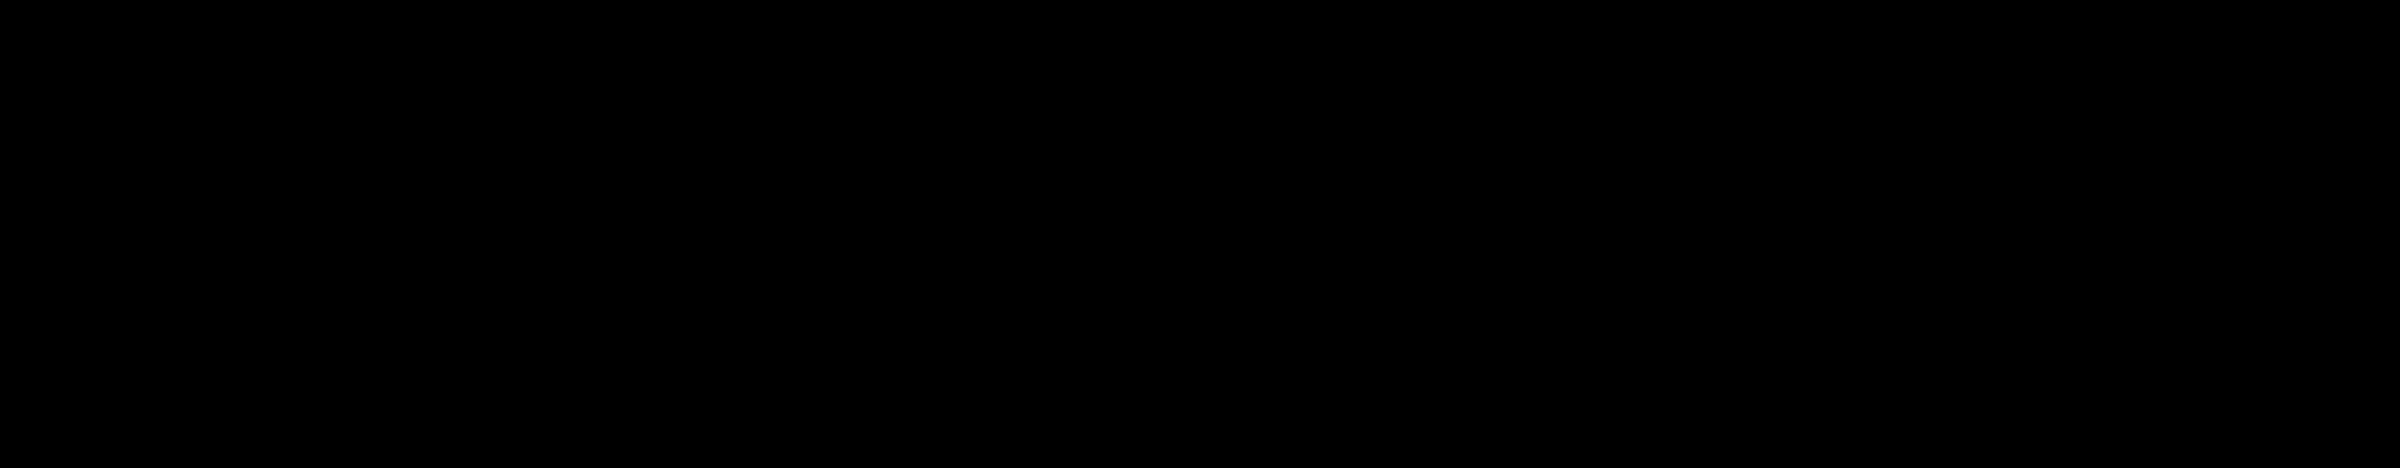 Slikovni rezultat za captcha code